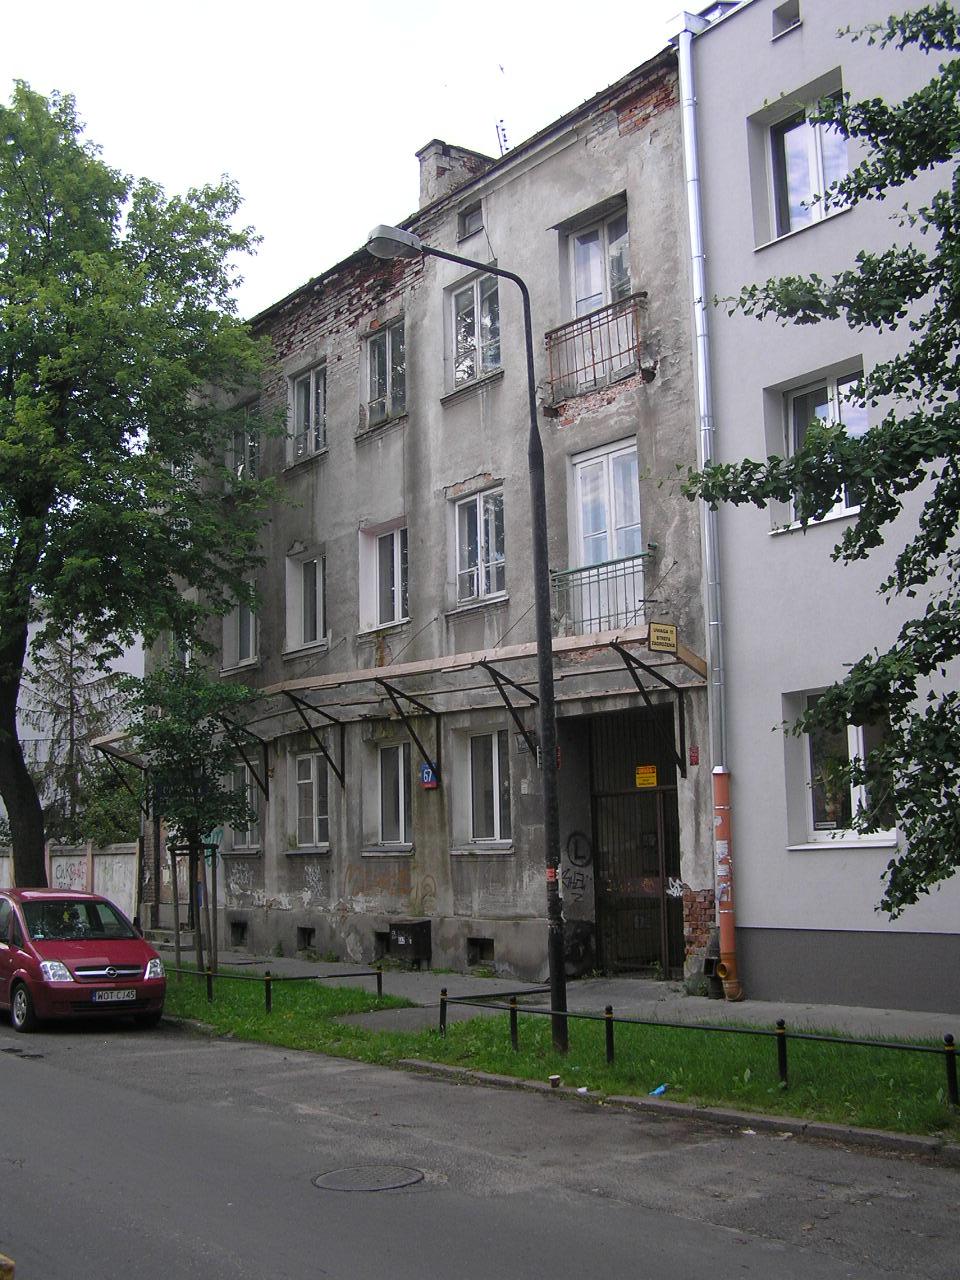 Kamienicy przy ulicy Kordeckiego 67 na Grochowie